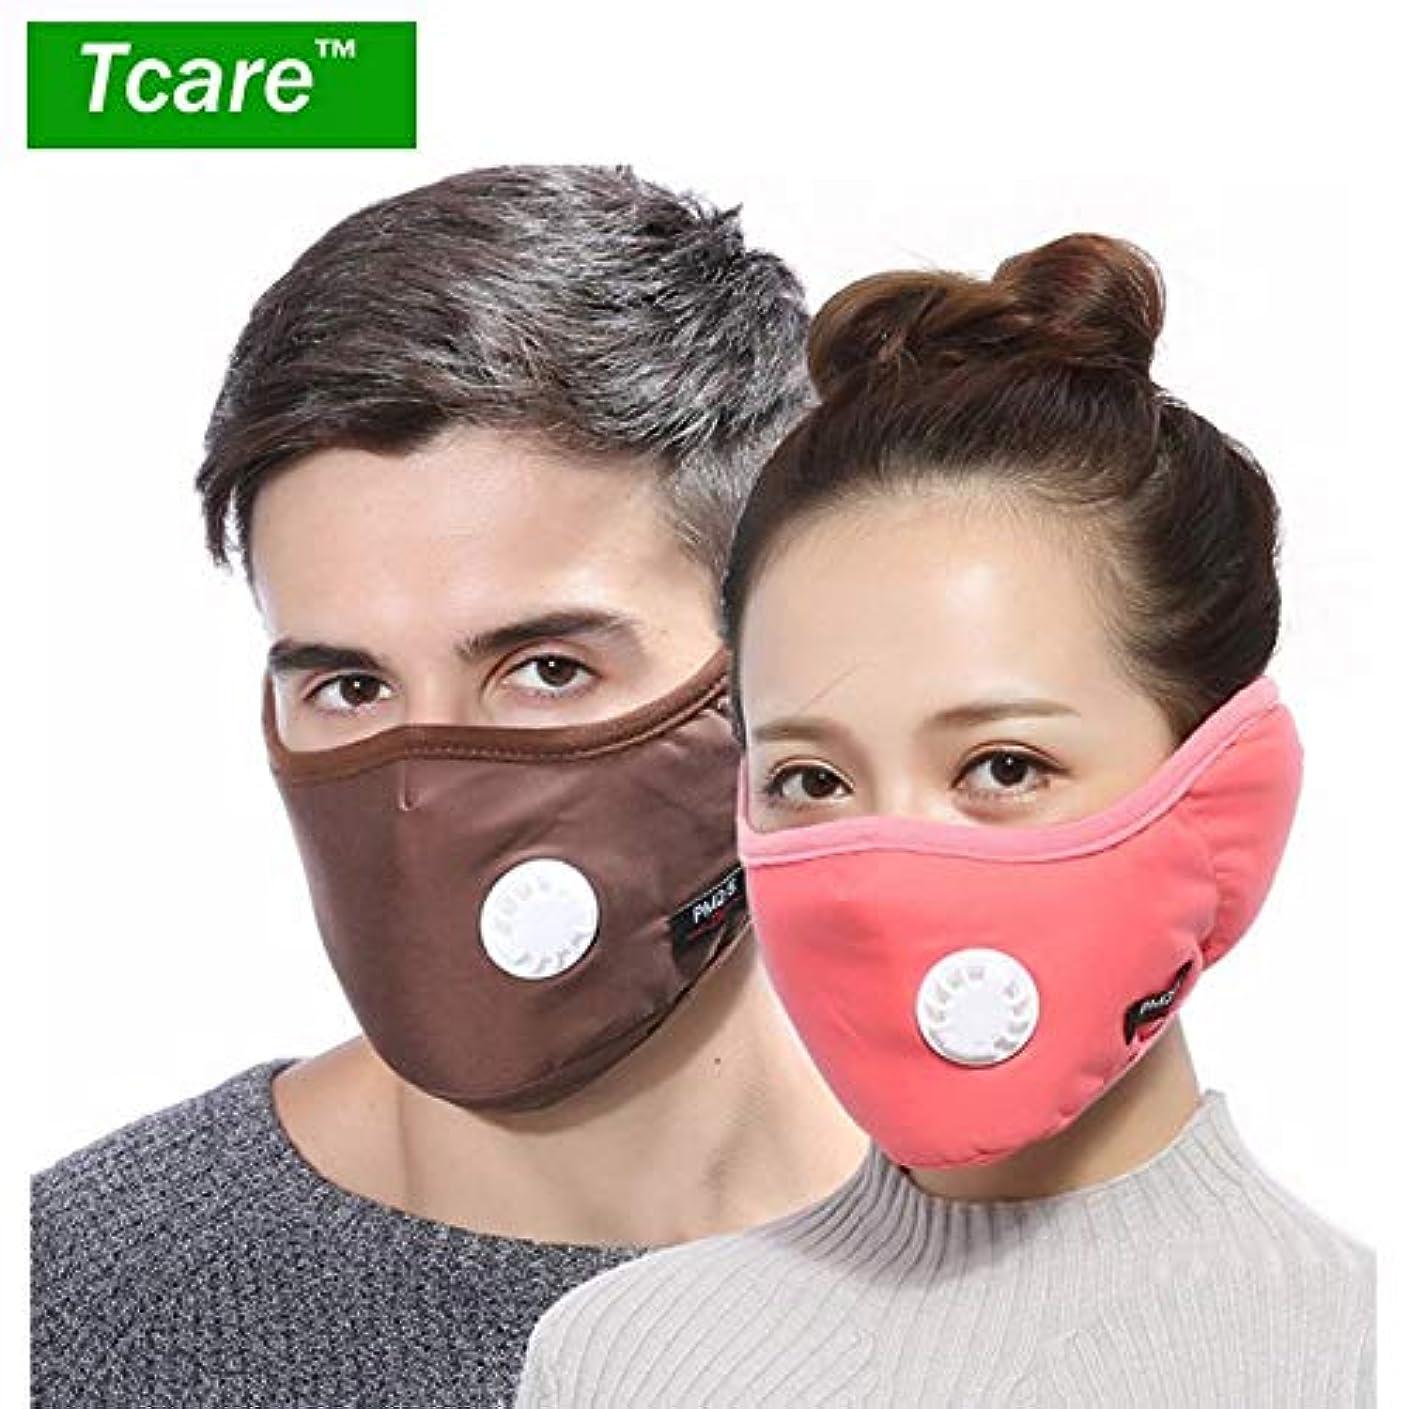 バングラデシュ示すより平らなTcare 2 1におけるPM2.5マスクバルブコットンアンチダスト口マスクの冬のイヤーマフActtedフィルター付マスク:9アーミーグリーン